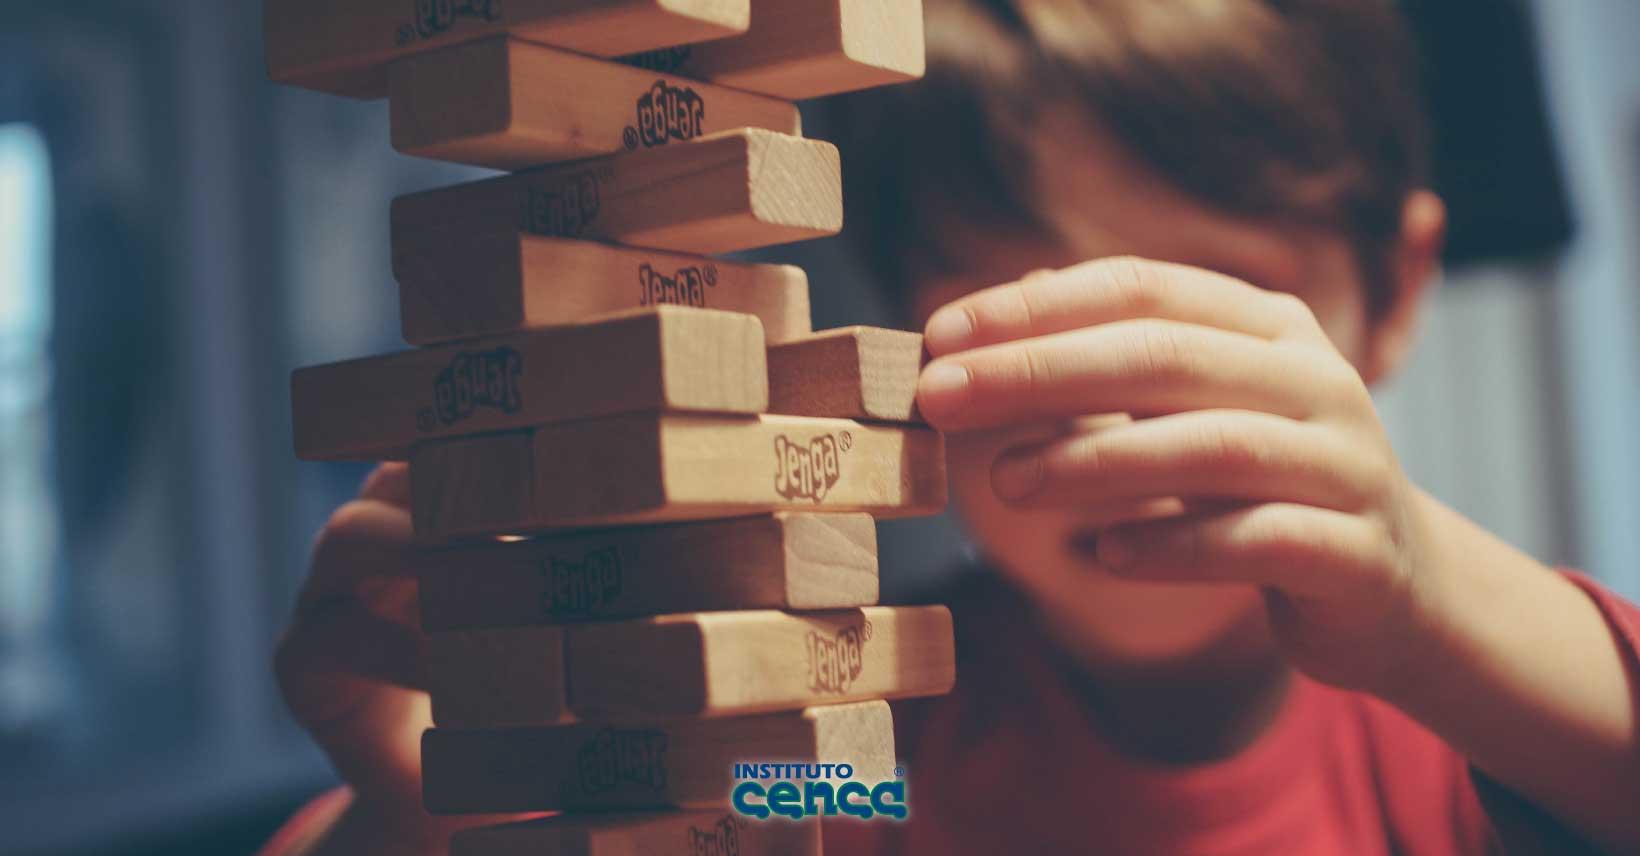 La importancia del juego en el aprendizaje de los niños